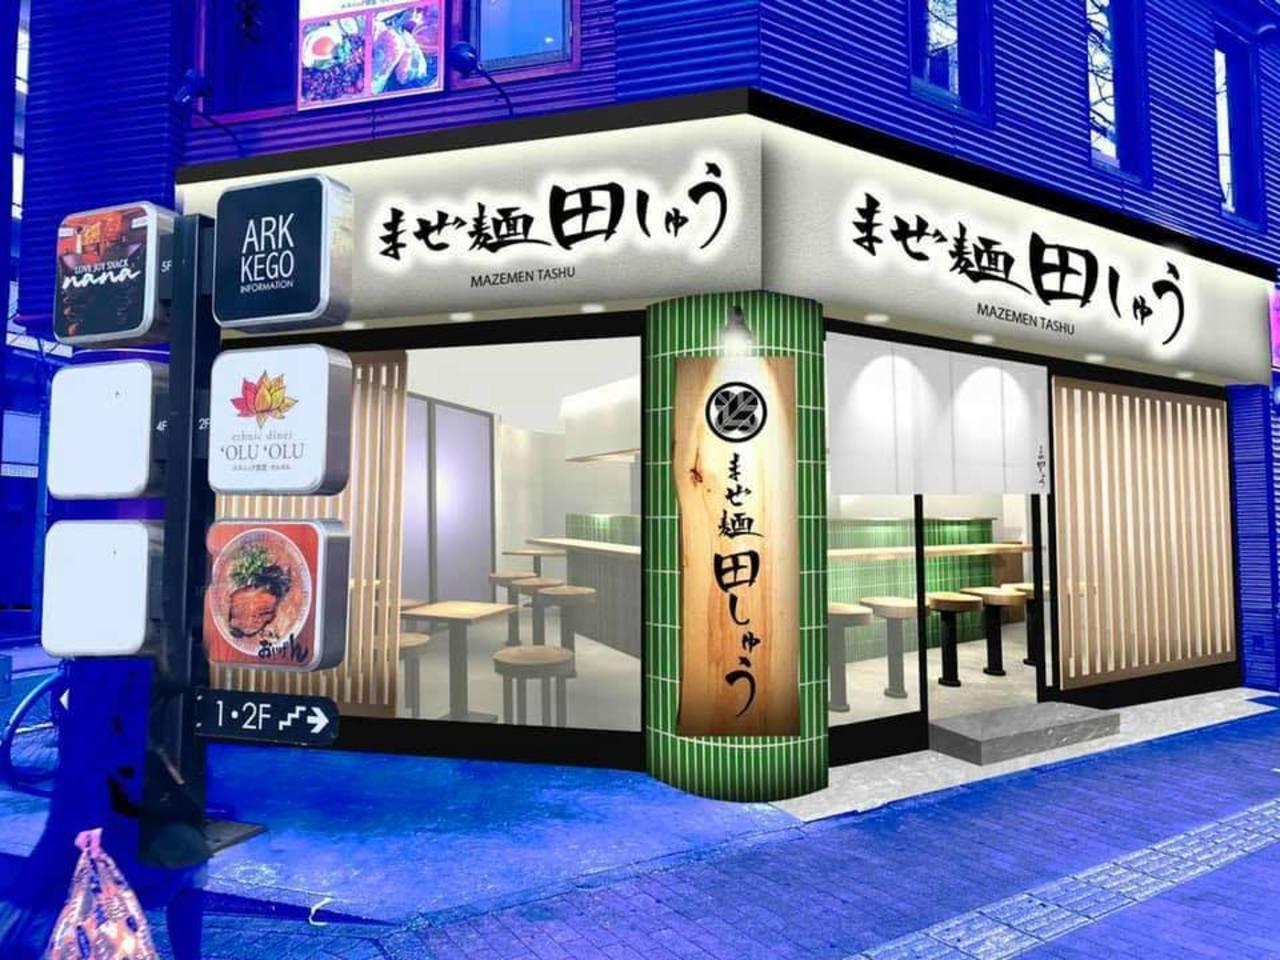 福岡県福岡市中央区警固1丁目に「まぜ麺田しゅう」が本日グランドオープンされたようです。